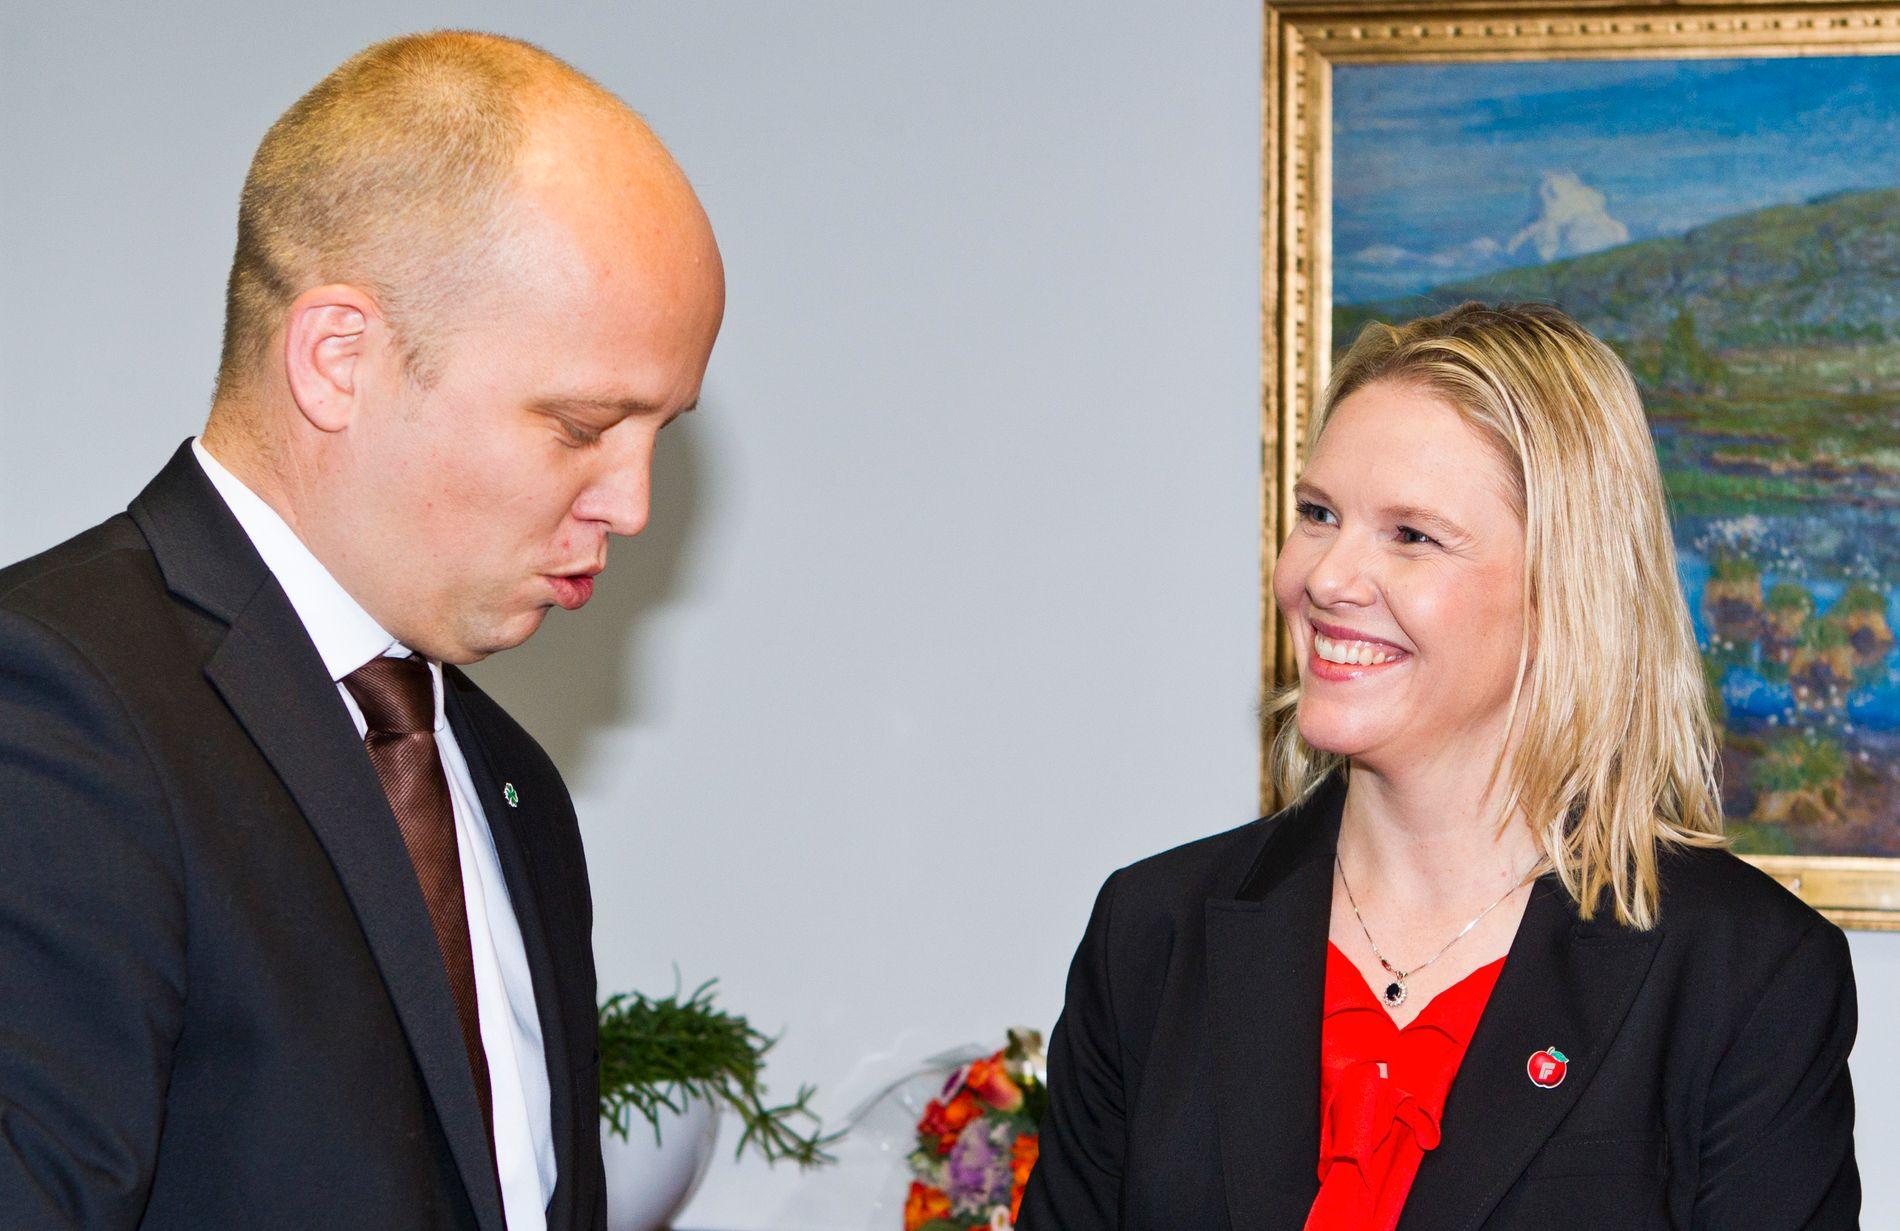 POPULISME PÅ NORSK: – Populisme på norsk er retorisk moderat, men både Vedum og Listhaug må akseptere at merkelappen «populist» er kommet for å bli, skriver kronikkforfatterne.